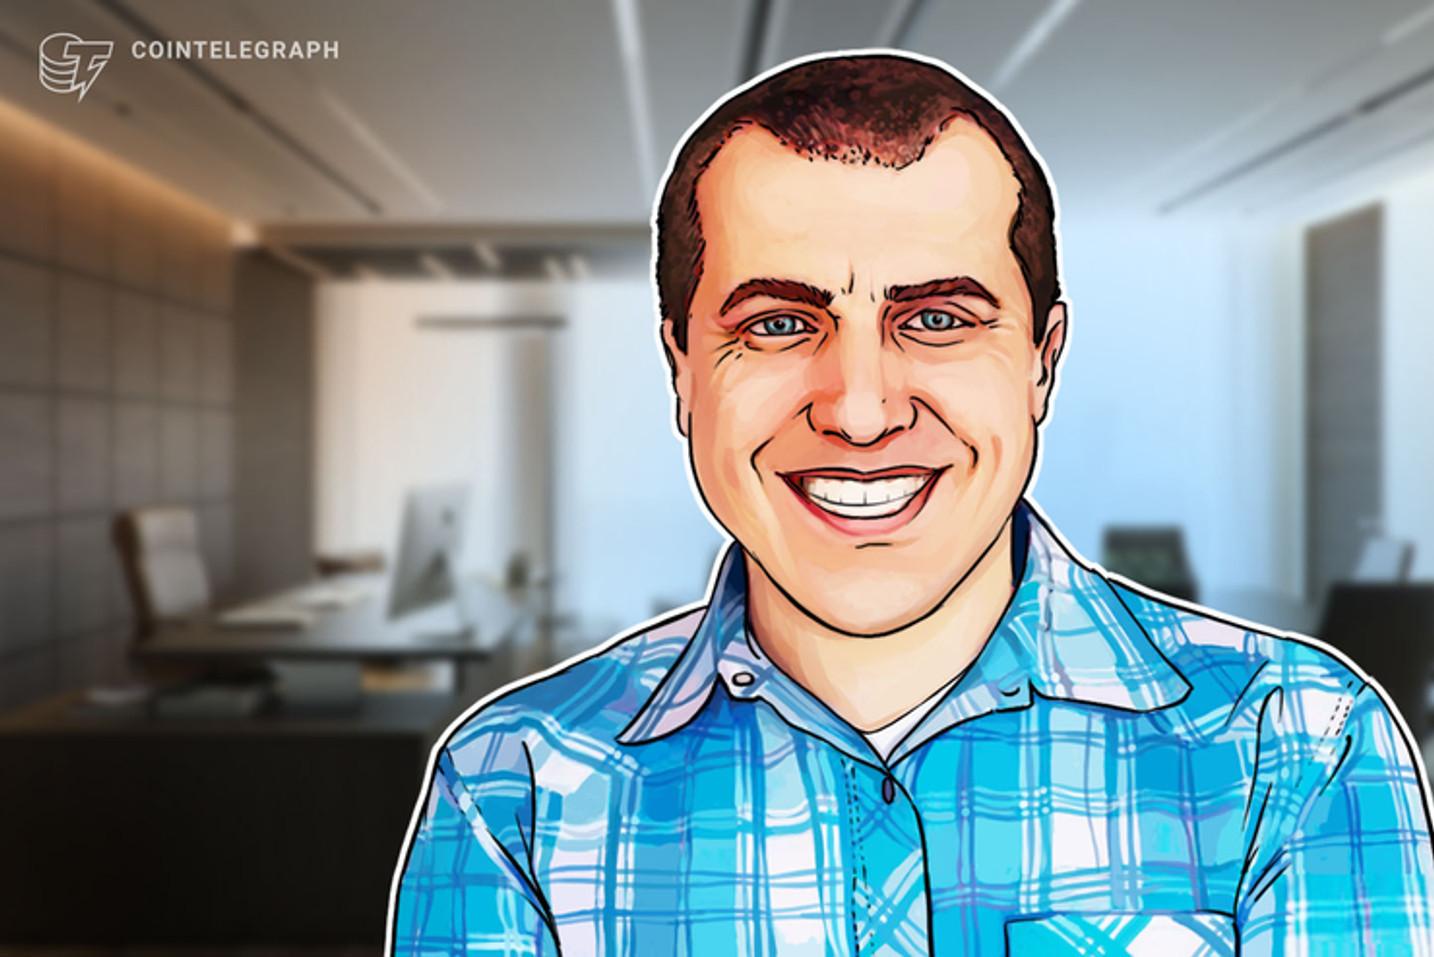 Labitconf 2019: Andreas Antonopoulos llamó a utilizar criptografía para resguardar la privacidad